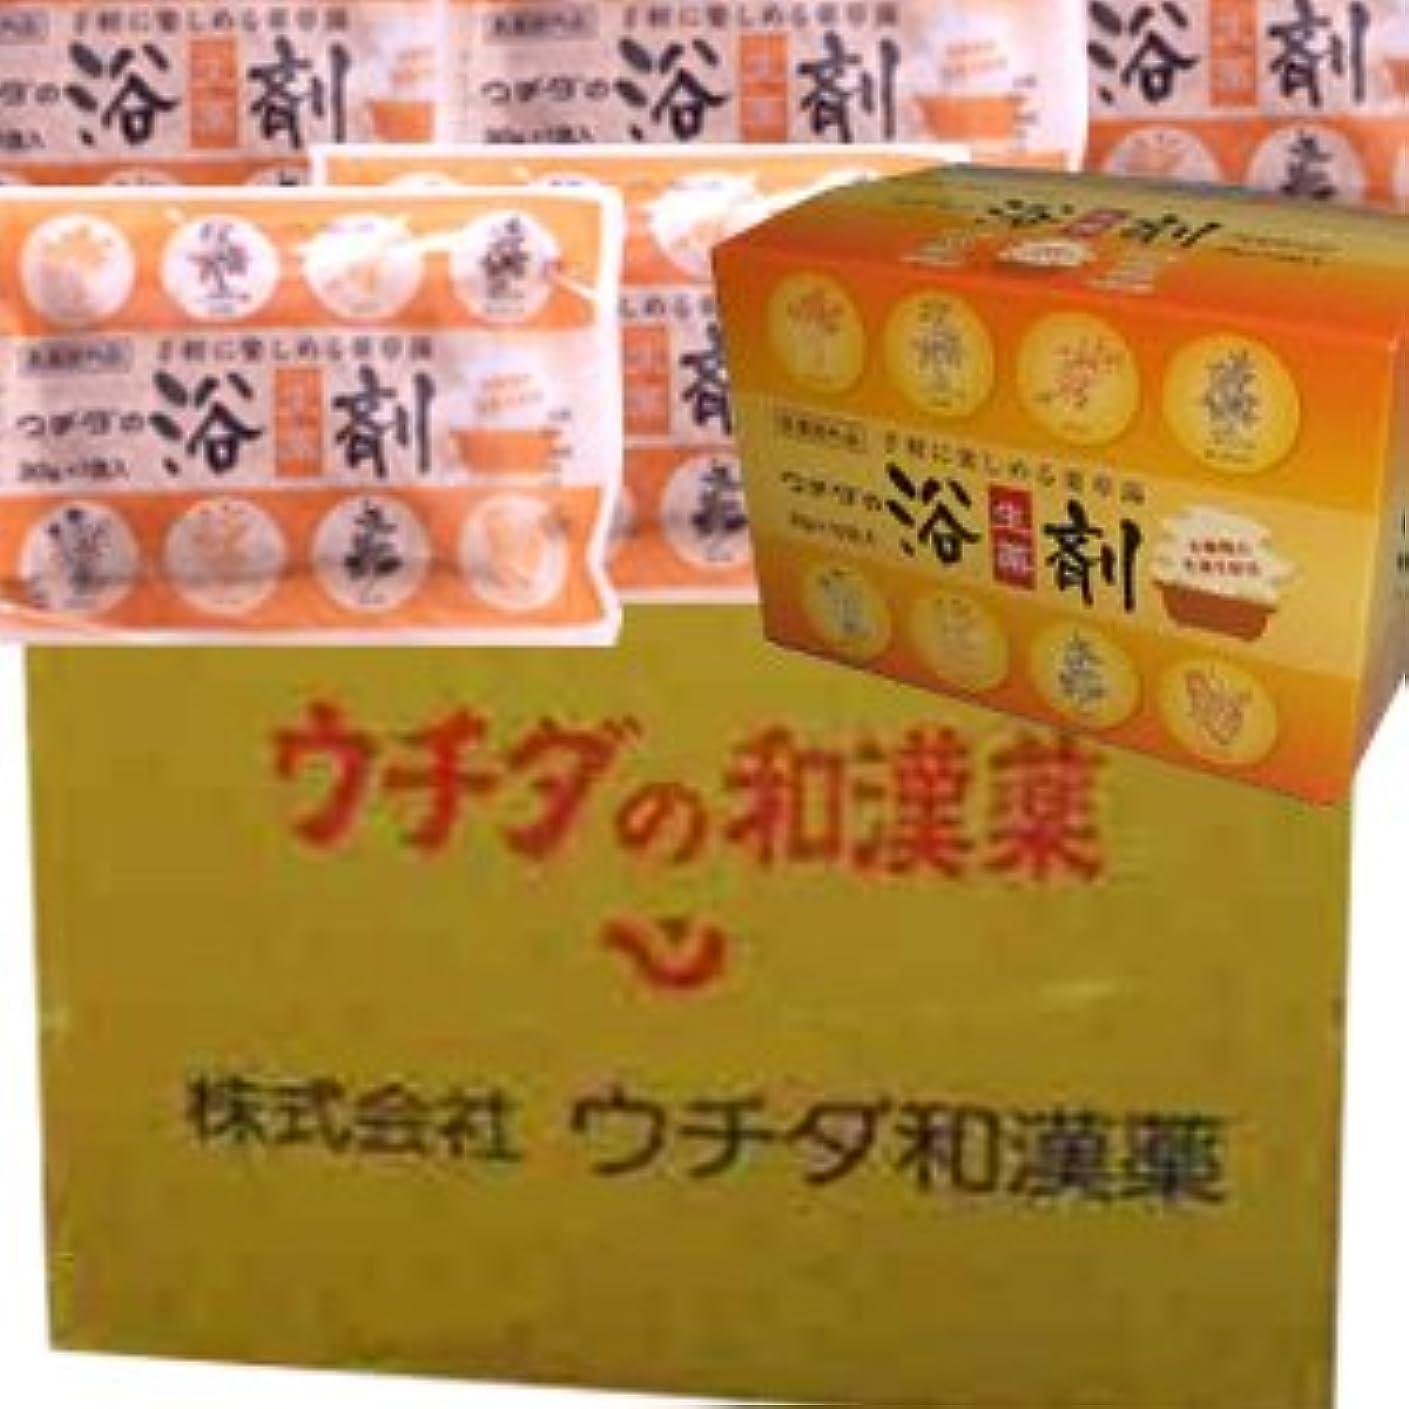 アミューズリアル夢【12個1ケース】 ウチダの浴剤 30g×10袋入×12個+6袋 (4987359400025)